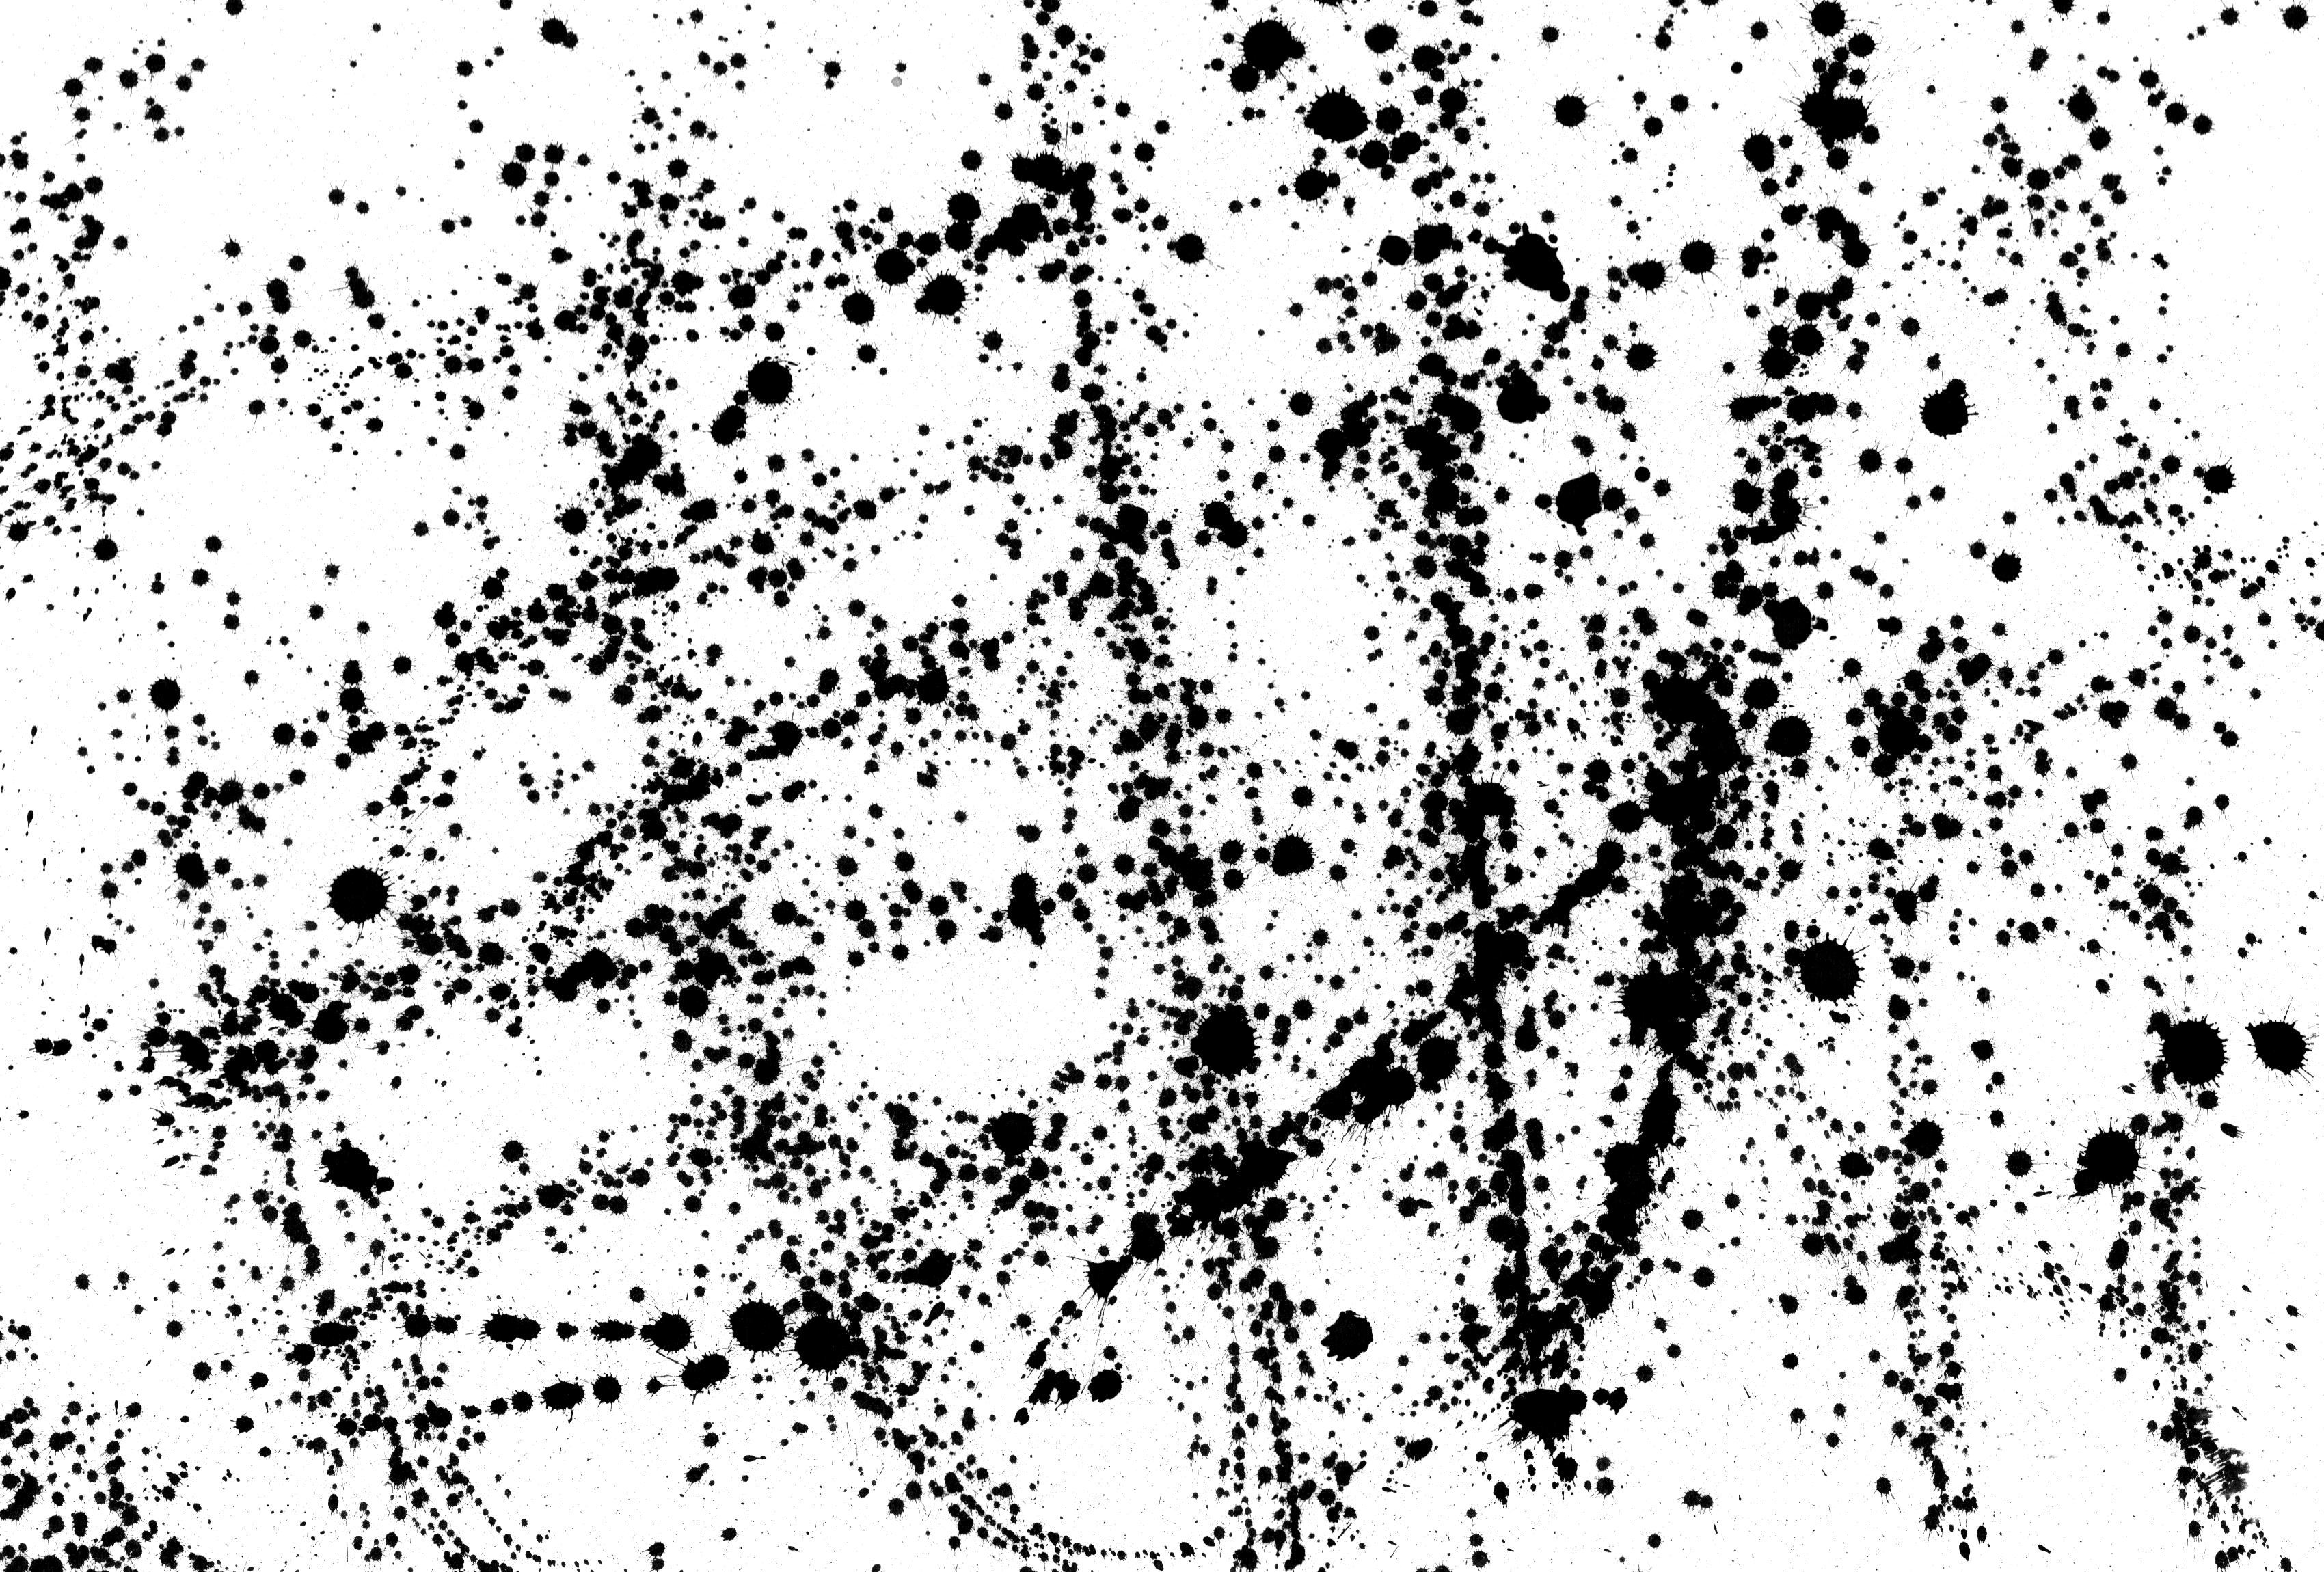 Ink Splatter Texture (PNG).